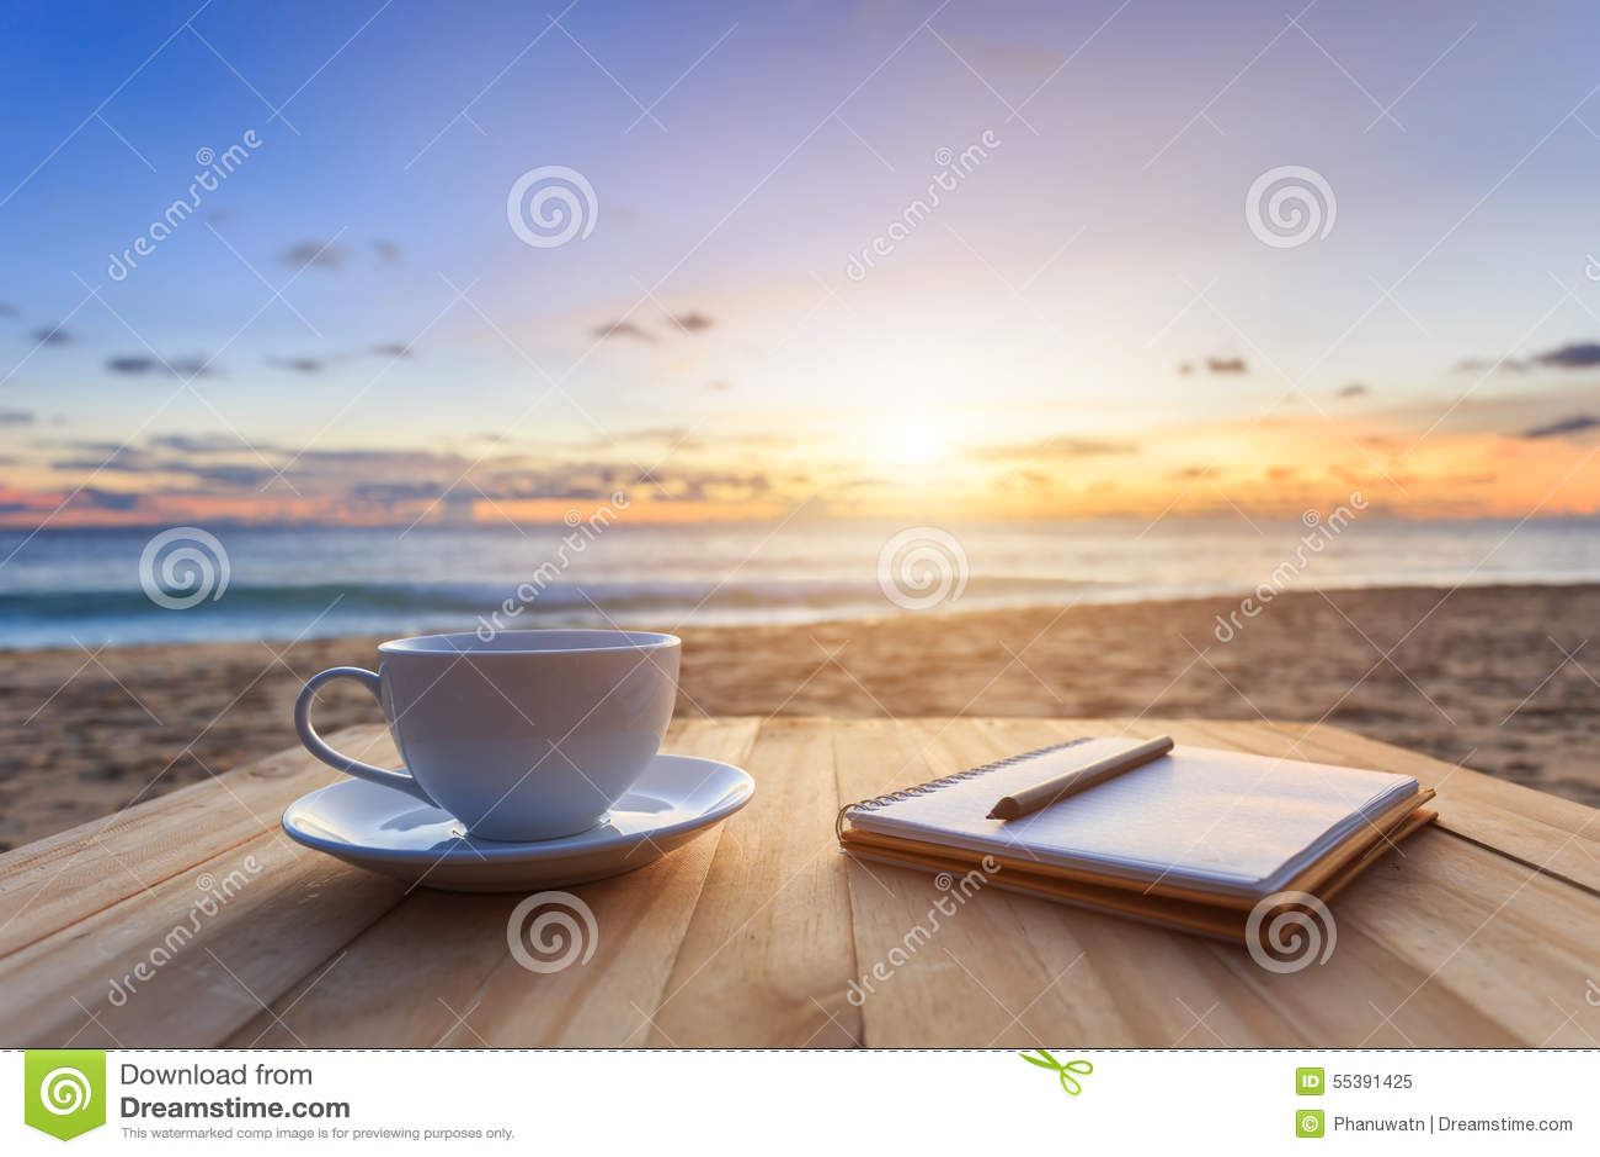 Tasse de caf sur la table en bois au coucher du soleil ou la plage de lever de soleil photo - Vieillir du bois avec du cafe ...